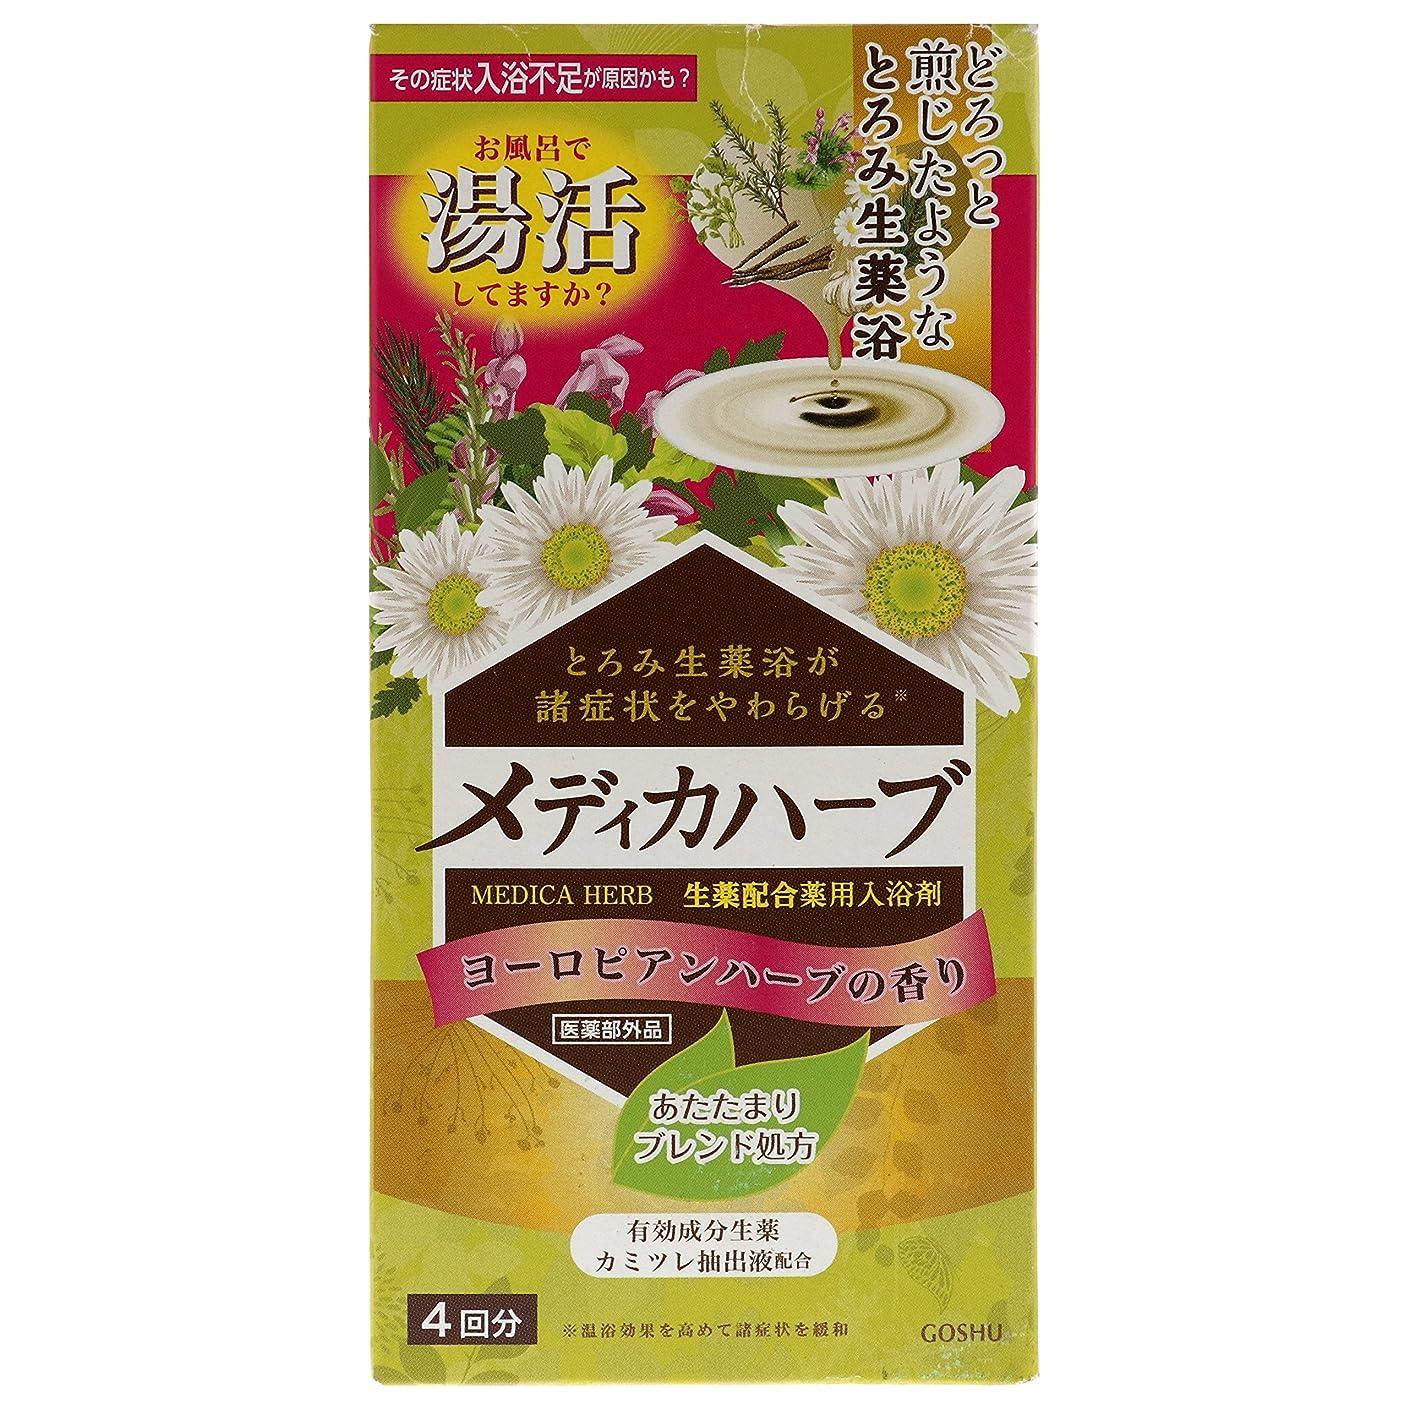 やろう異邦人話メディカハーブ ヨーロピアンハーブの香り 4包(4回分) [医薬部外品]